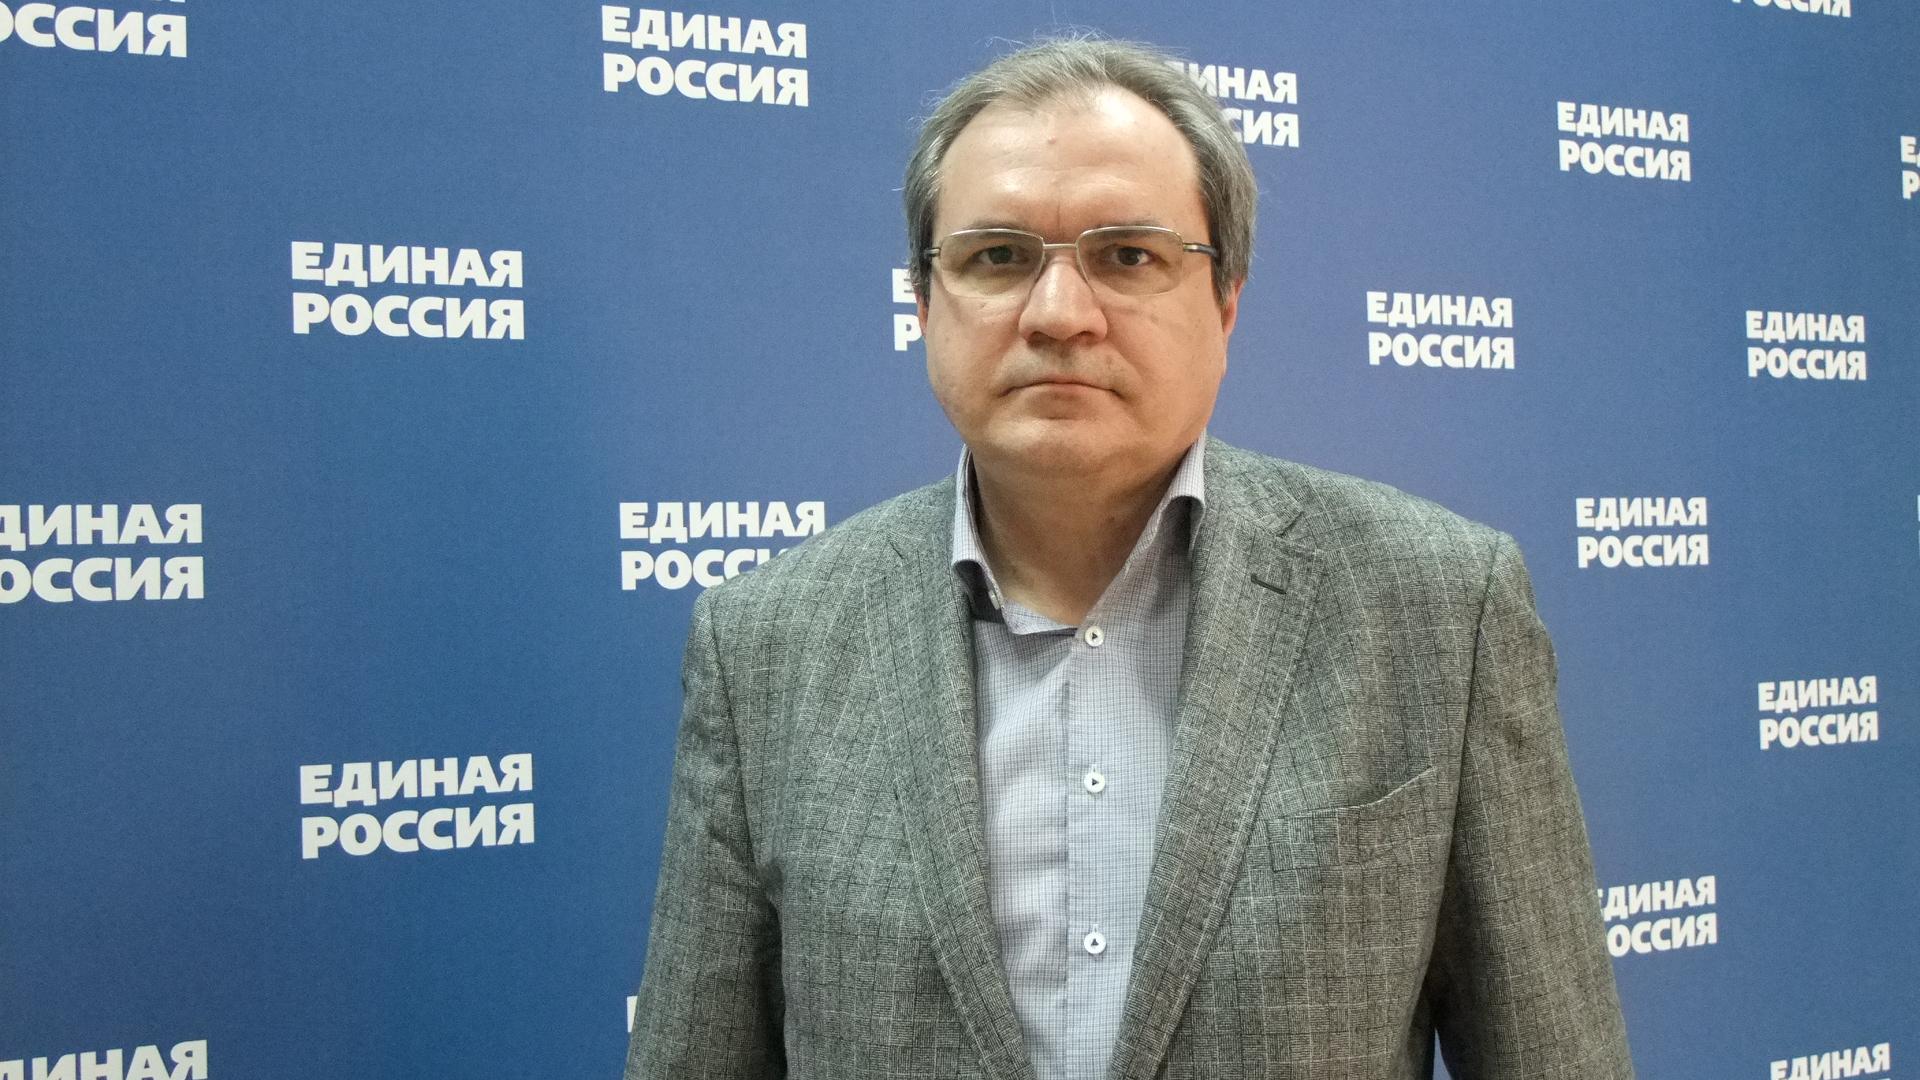 Журналист и общественник из Москвы хочет представлять Коми в Госдуме